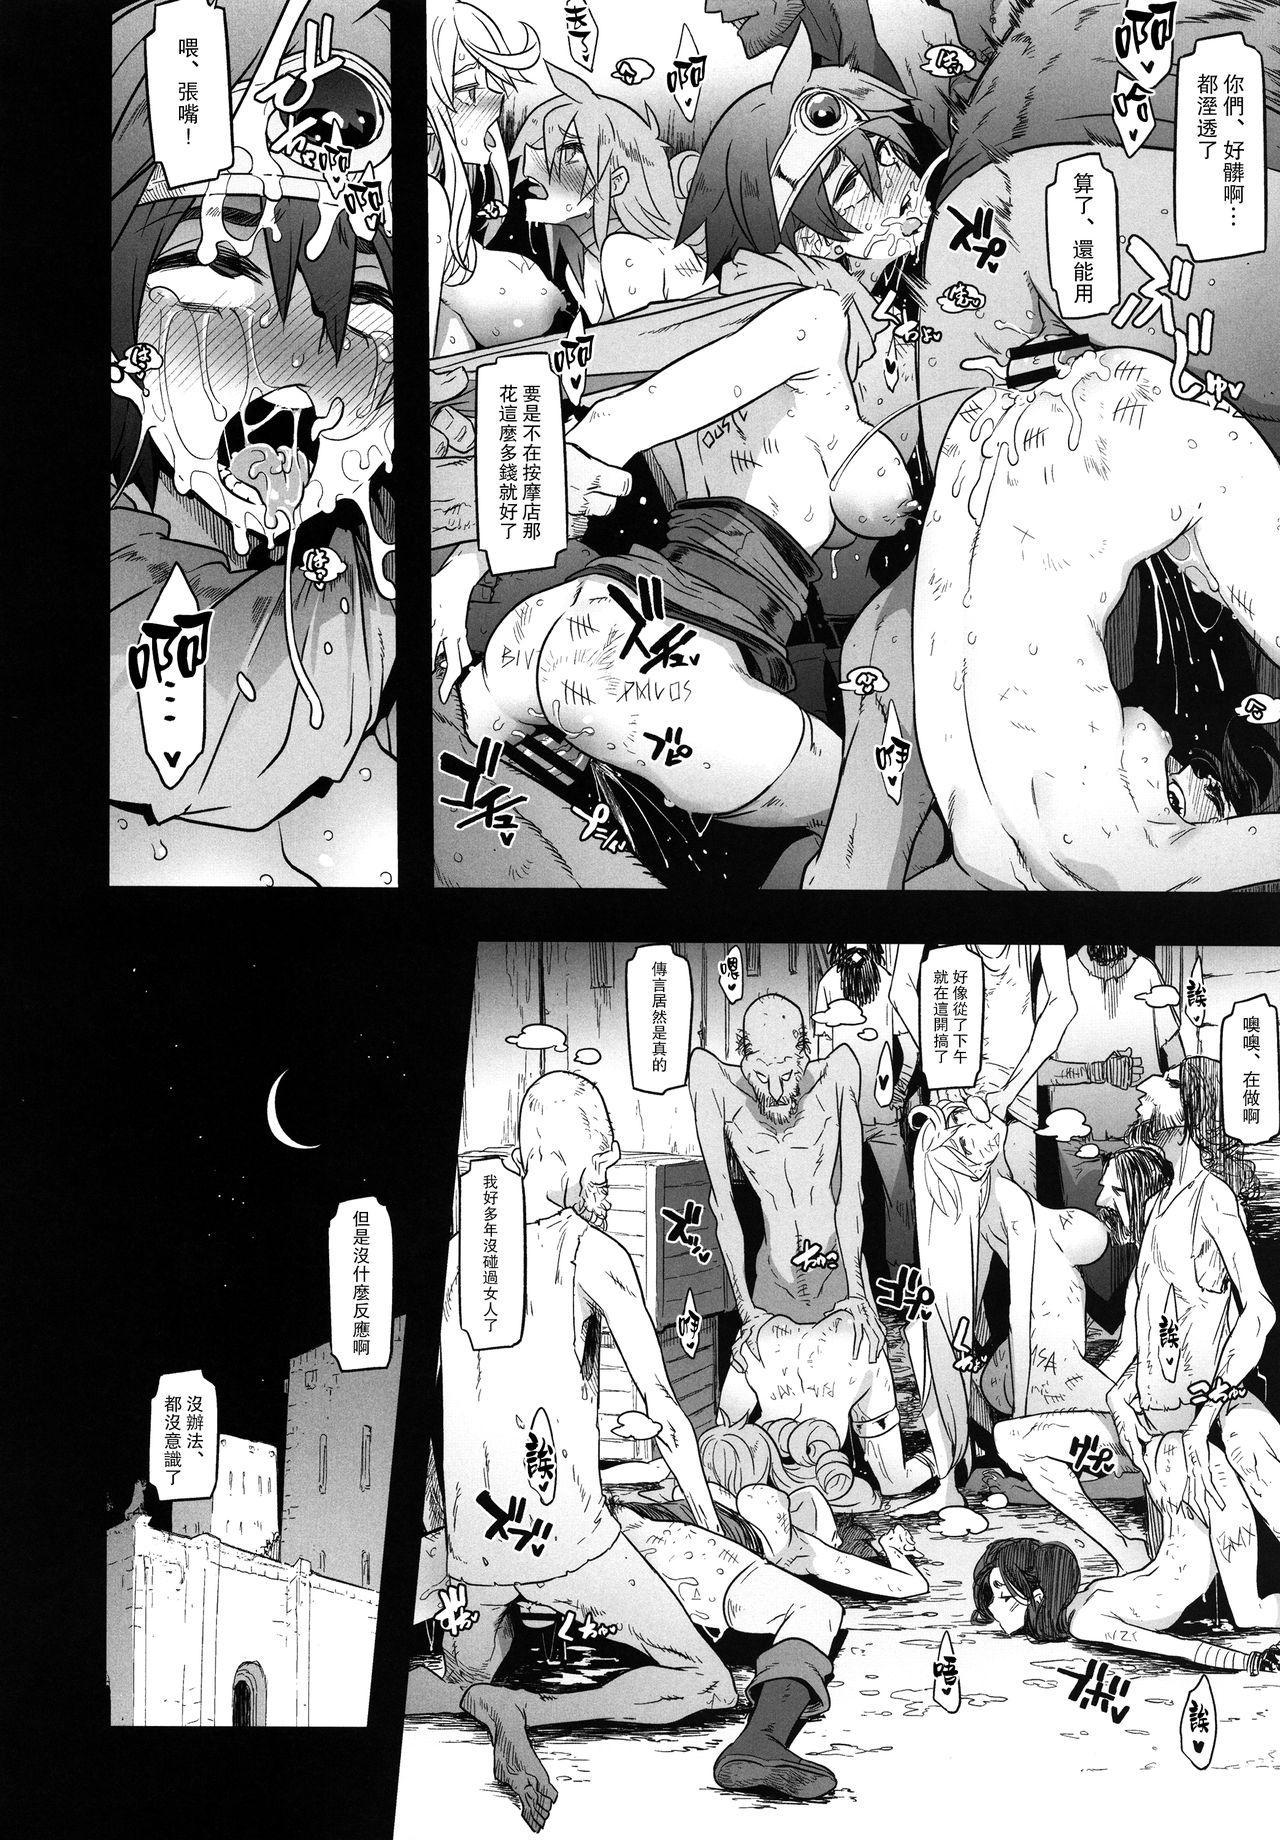 Onna Yuusha no Tabi 4 Yoru no Machi no Onna Boukensha 27